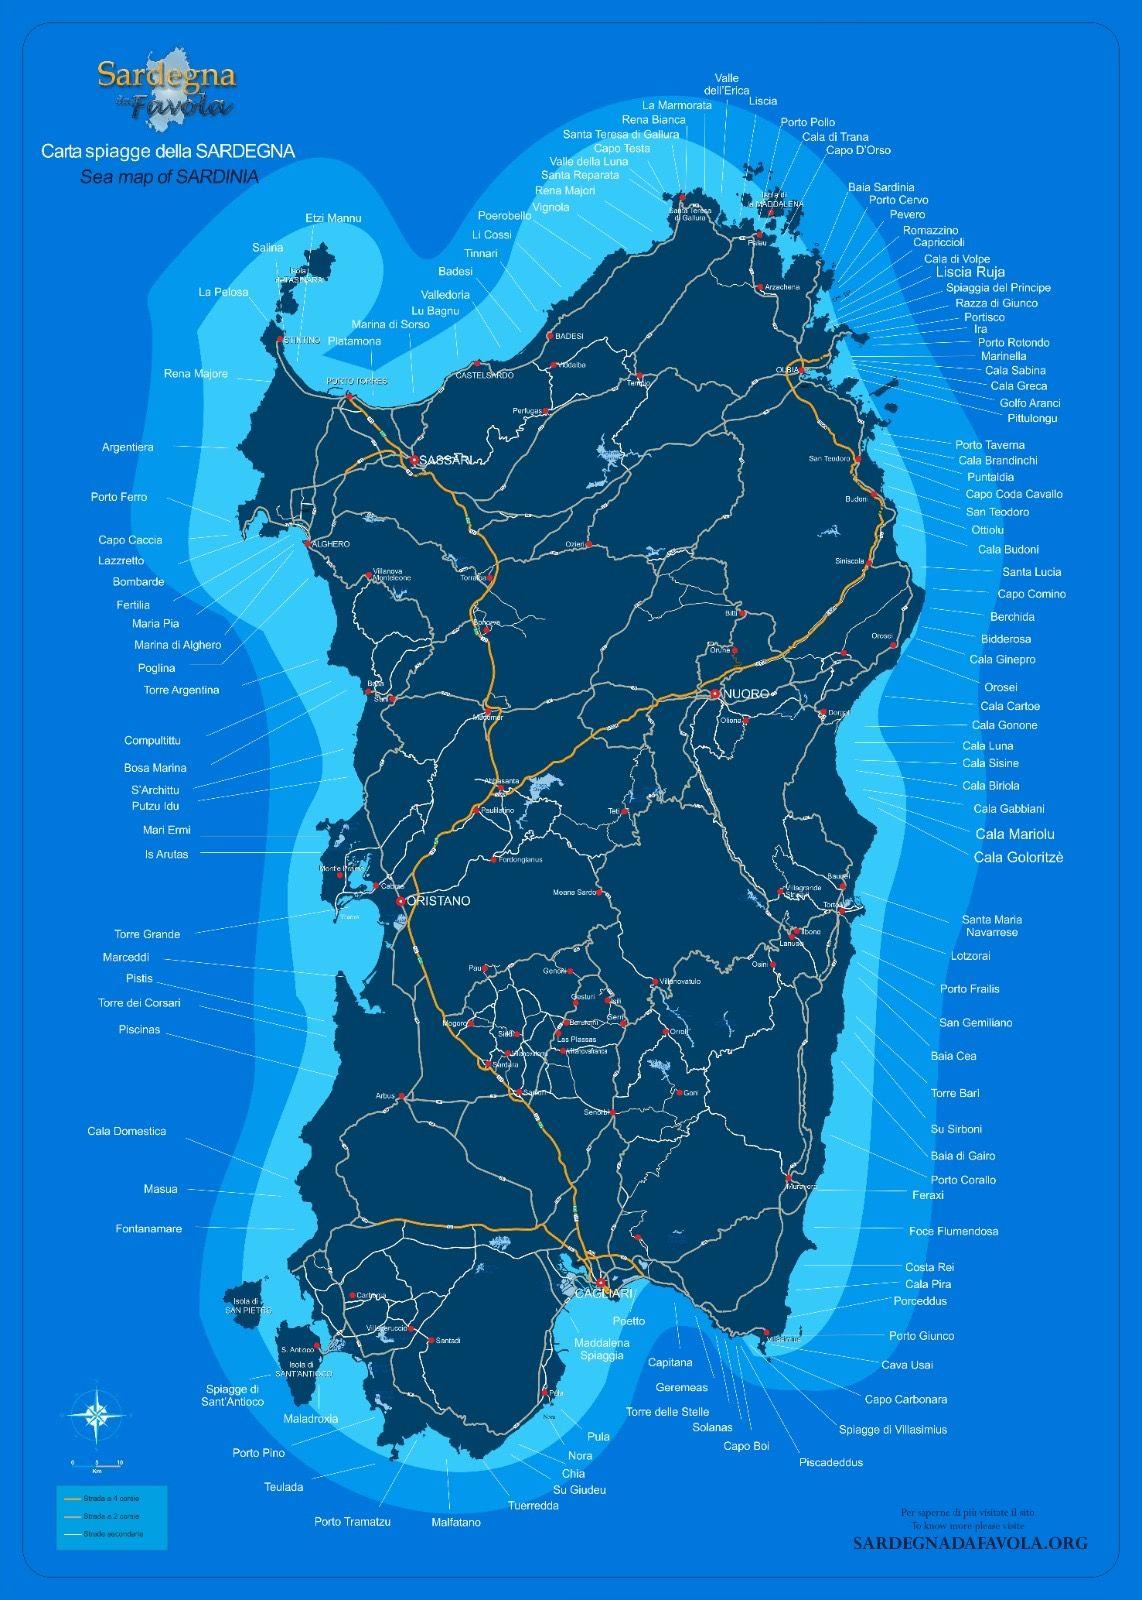 Spiagge Sardegna Cartina.Mappa Spiagge Della Sardegna Sardegna Spiagge Mappa